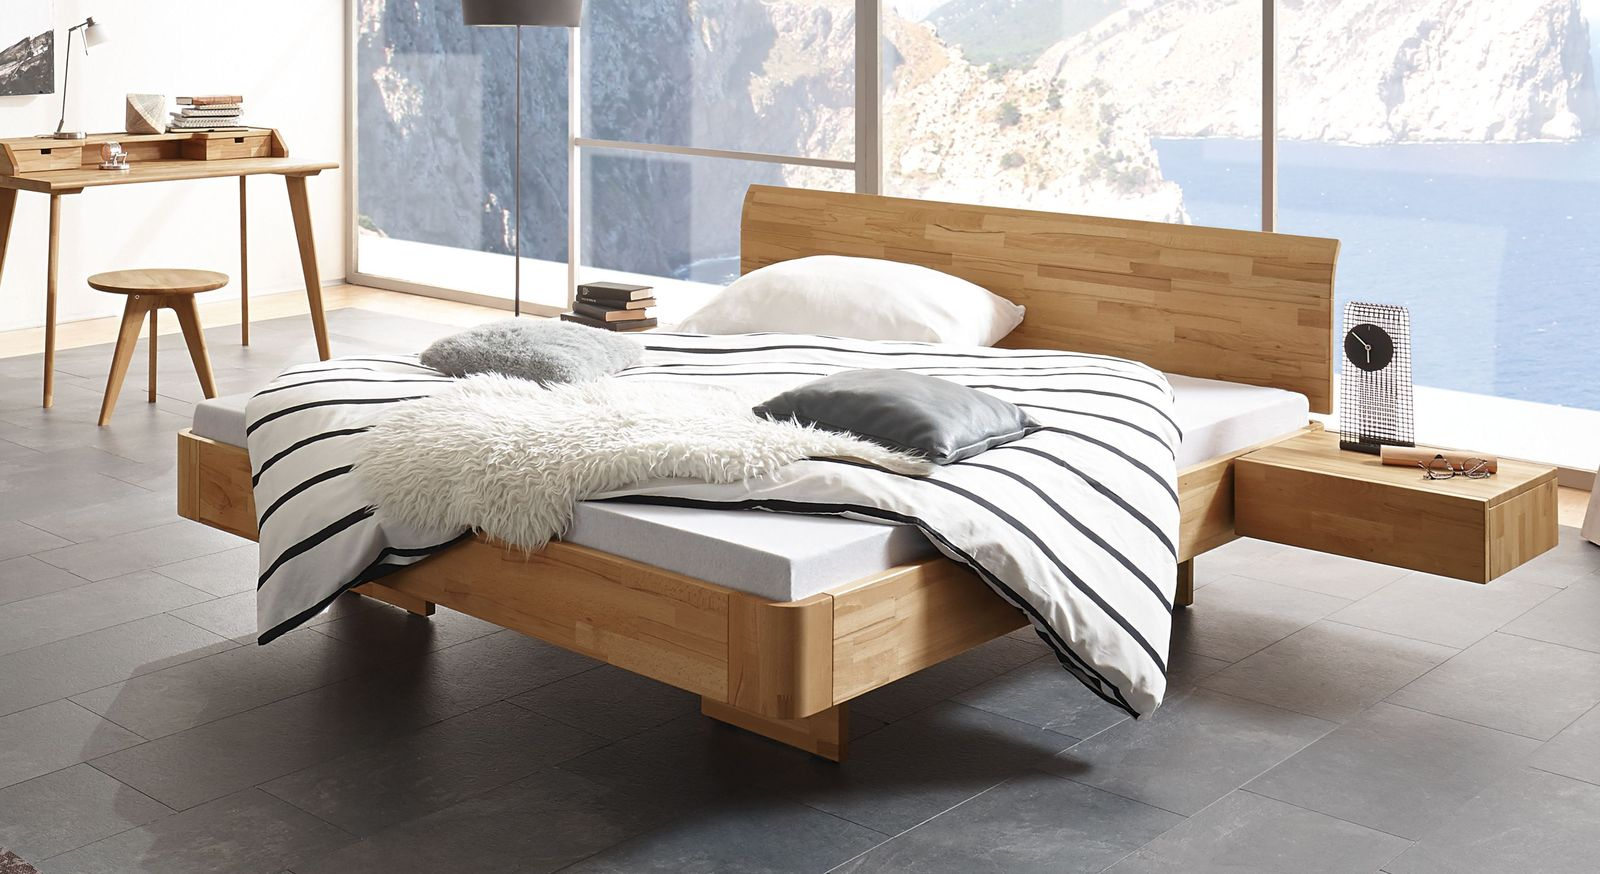 Full Size of Betten Holz Flexa Massivholz Möbel Boss Günstige 140x200 Massivholzküche Küche Weiß Außergewöhnliche Massiv Esstisch Holzplatte Modulküche Mädchen Bett Betten Holz